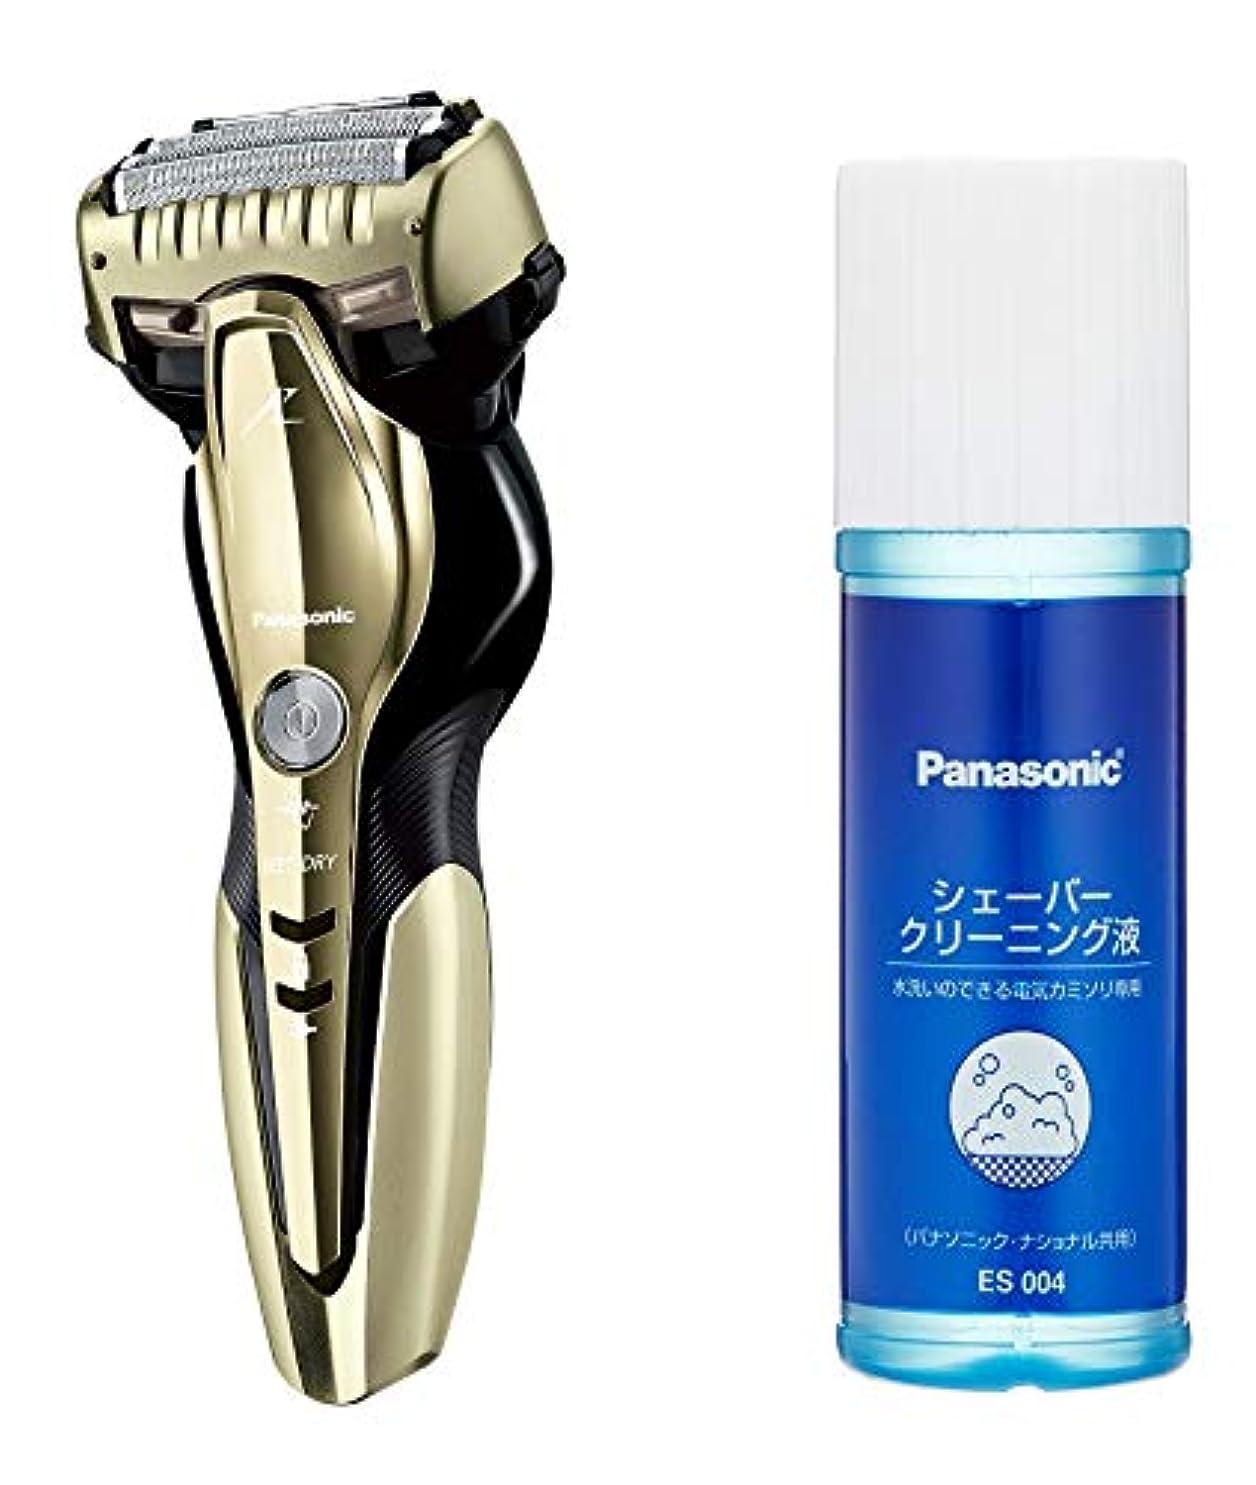 パンツチチカカ湖コンサートパナソニック ラムダッシュ メンズシェーバー 3枚刃 お風呂剃り可 ゴールド調 ES-ST8Q-N + シェーバークリーニング液 セット